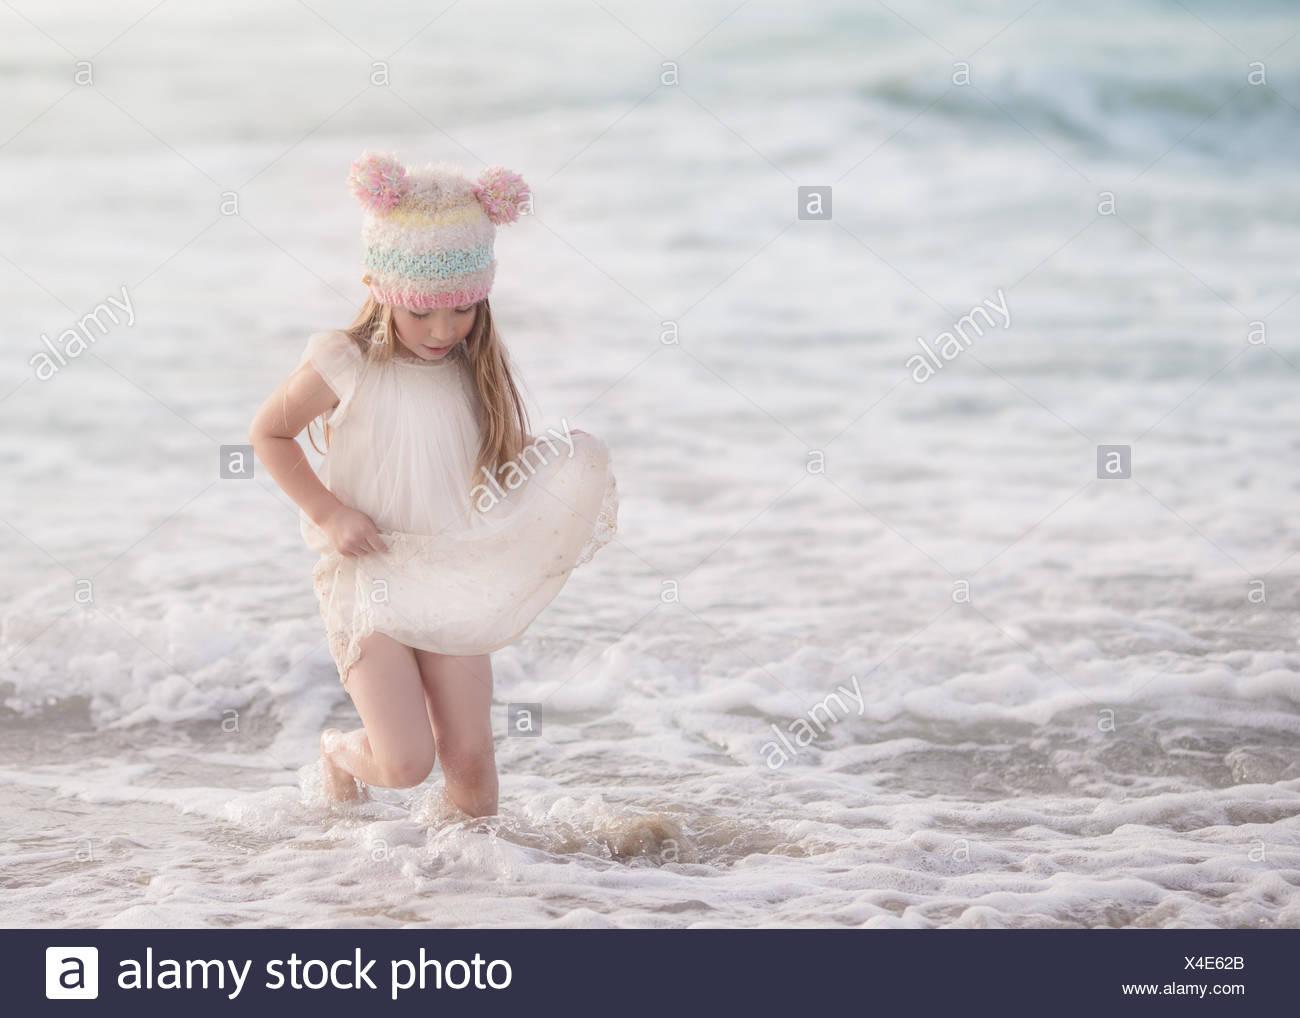 Ragazza in un abito a piedi nell'oceano Immagini Stock